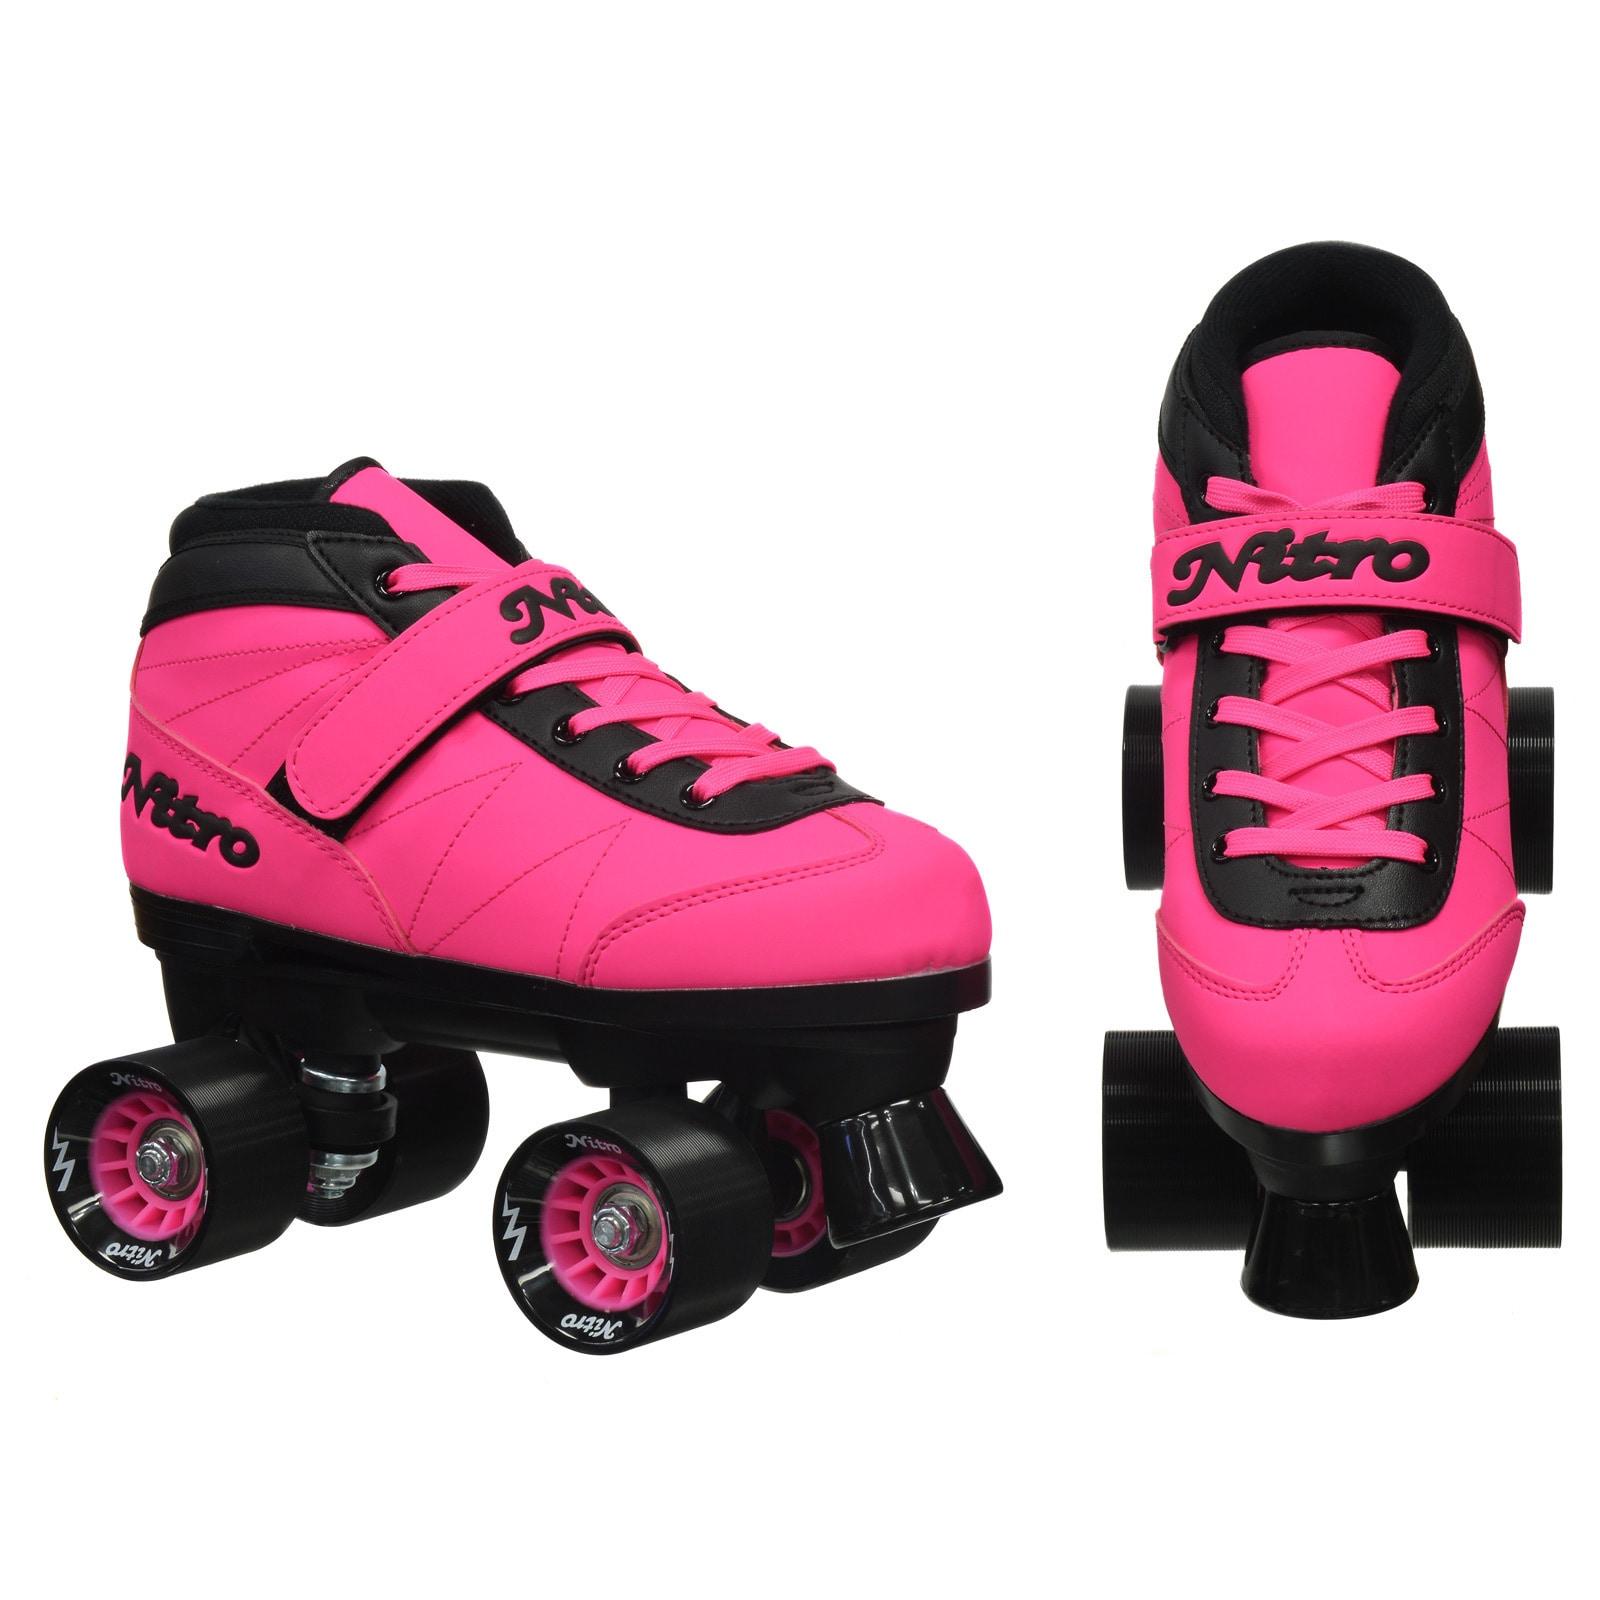 Epic Skates 2016 Epic Nitro Turbo 5 Indoor//Outdoor Quad Speed Roller Skates